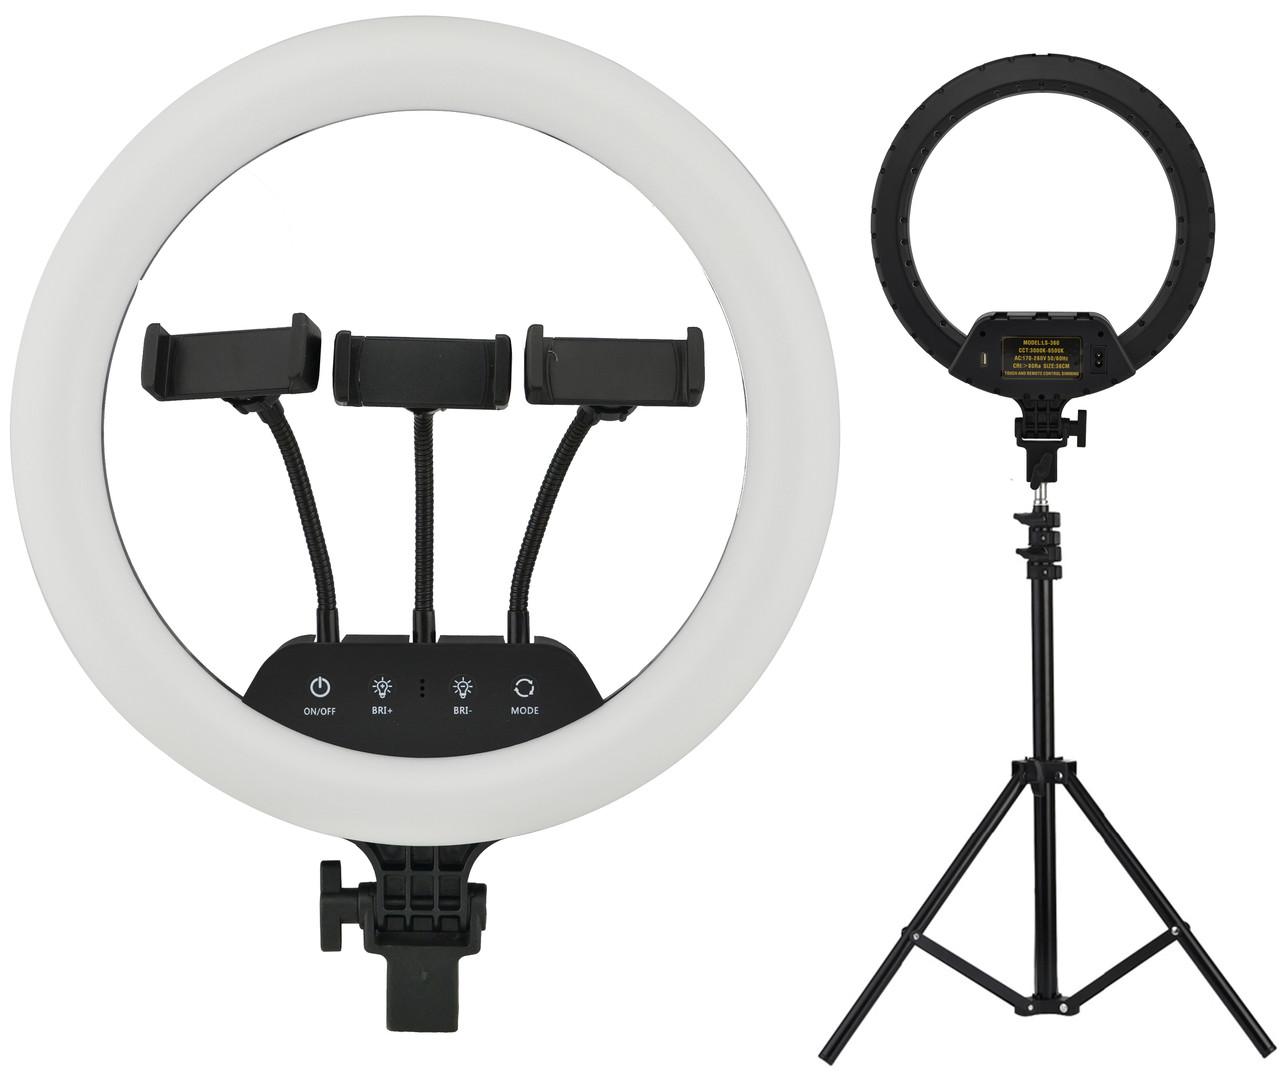 Кольцевая LED лампа диаметром 36 см LS-360 с сенсорными кнопками и пультом (14399)